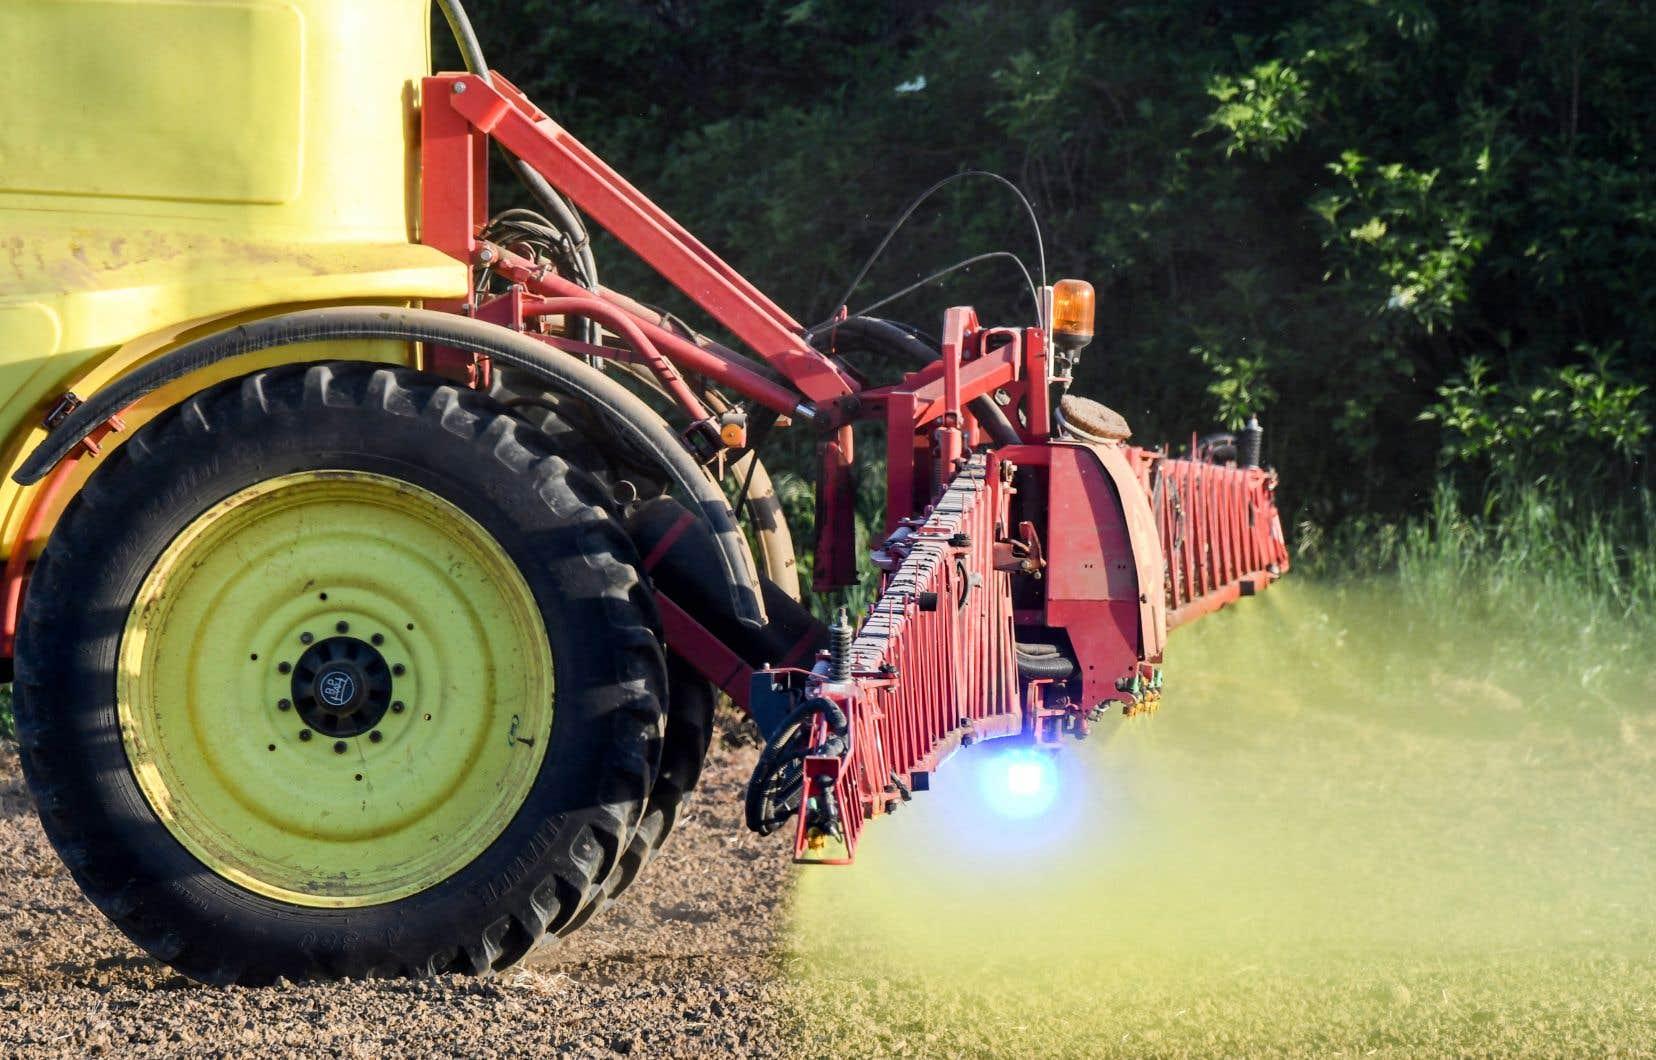 «Le Canada, acteur international important du secteur agricole, se doit de se présenter comme chef de file en matière environnementale et agricole», écrivent les auteurs.